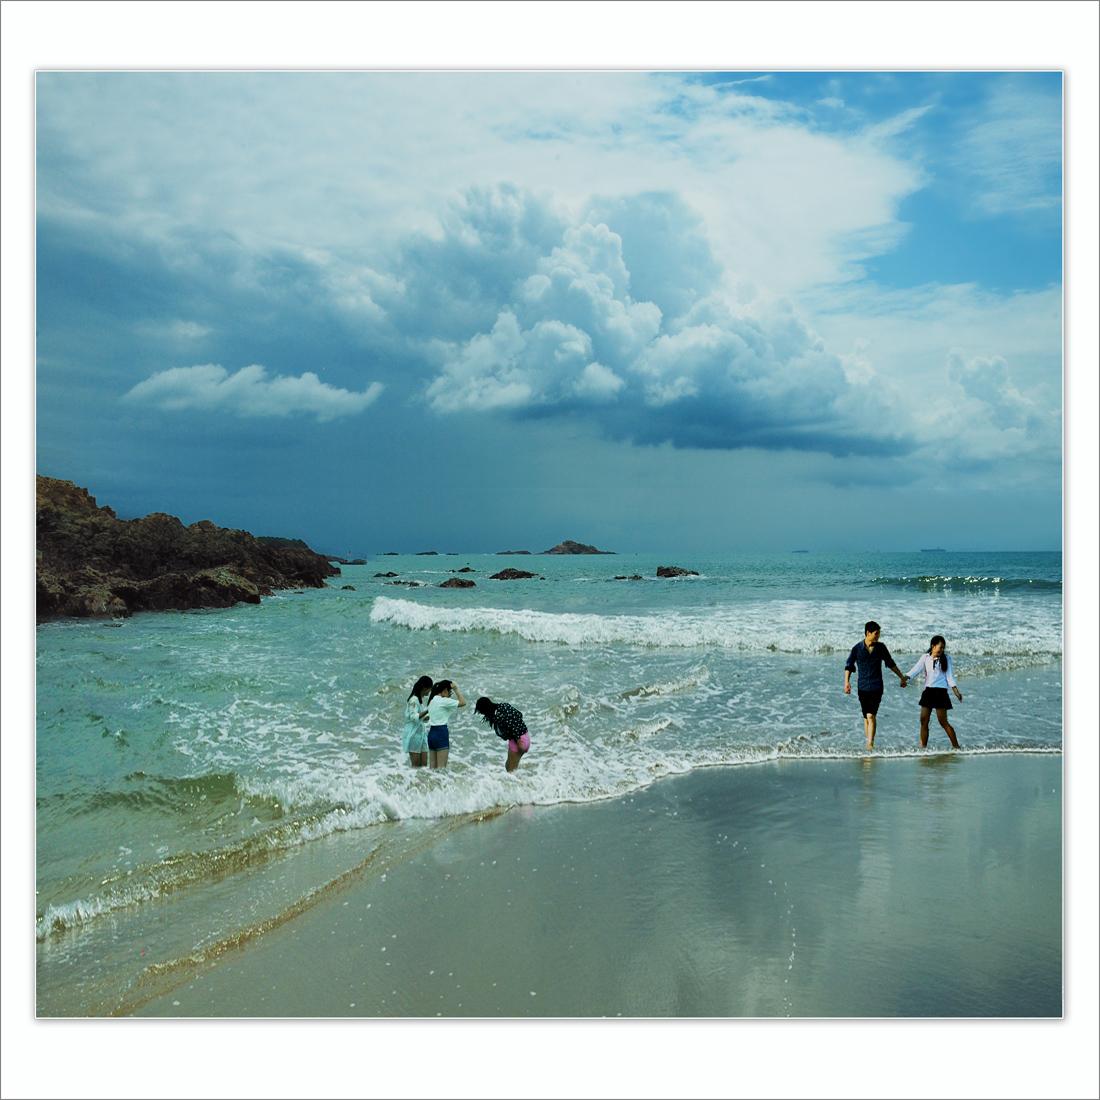 wsz作品:海滩戏浪......1